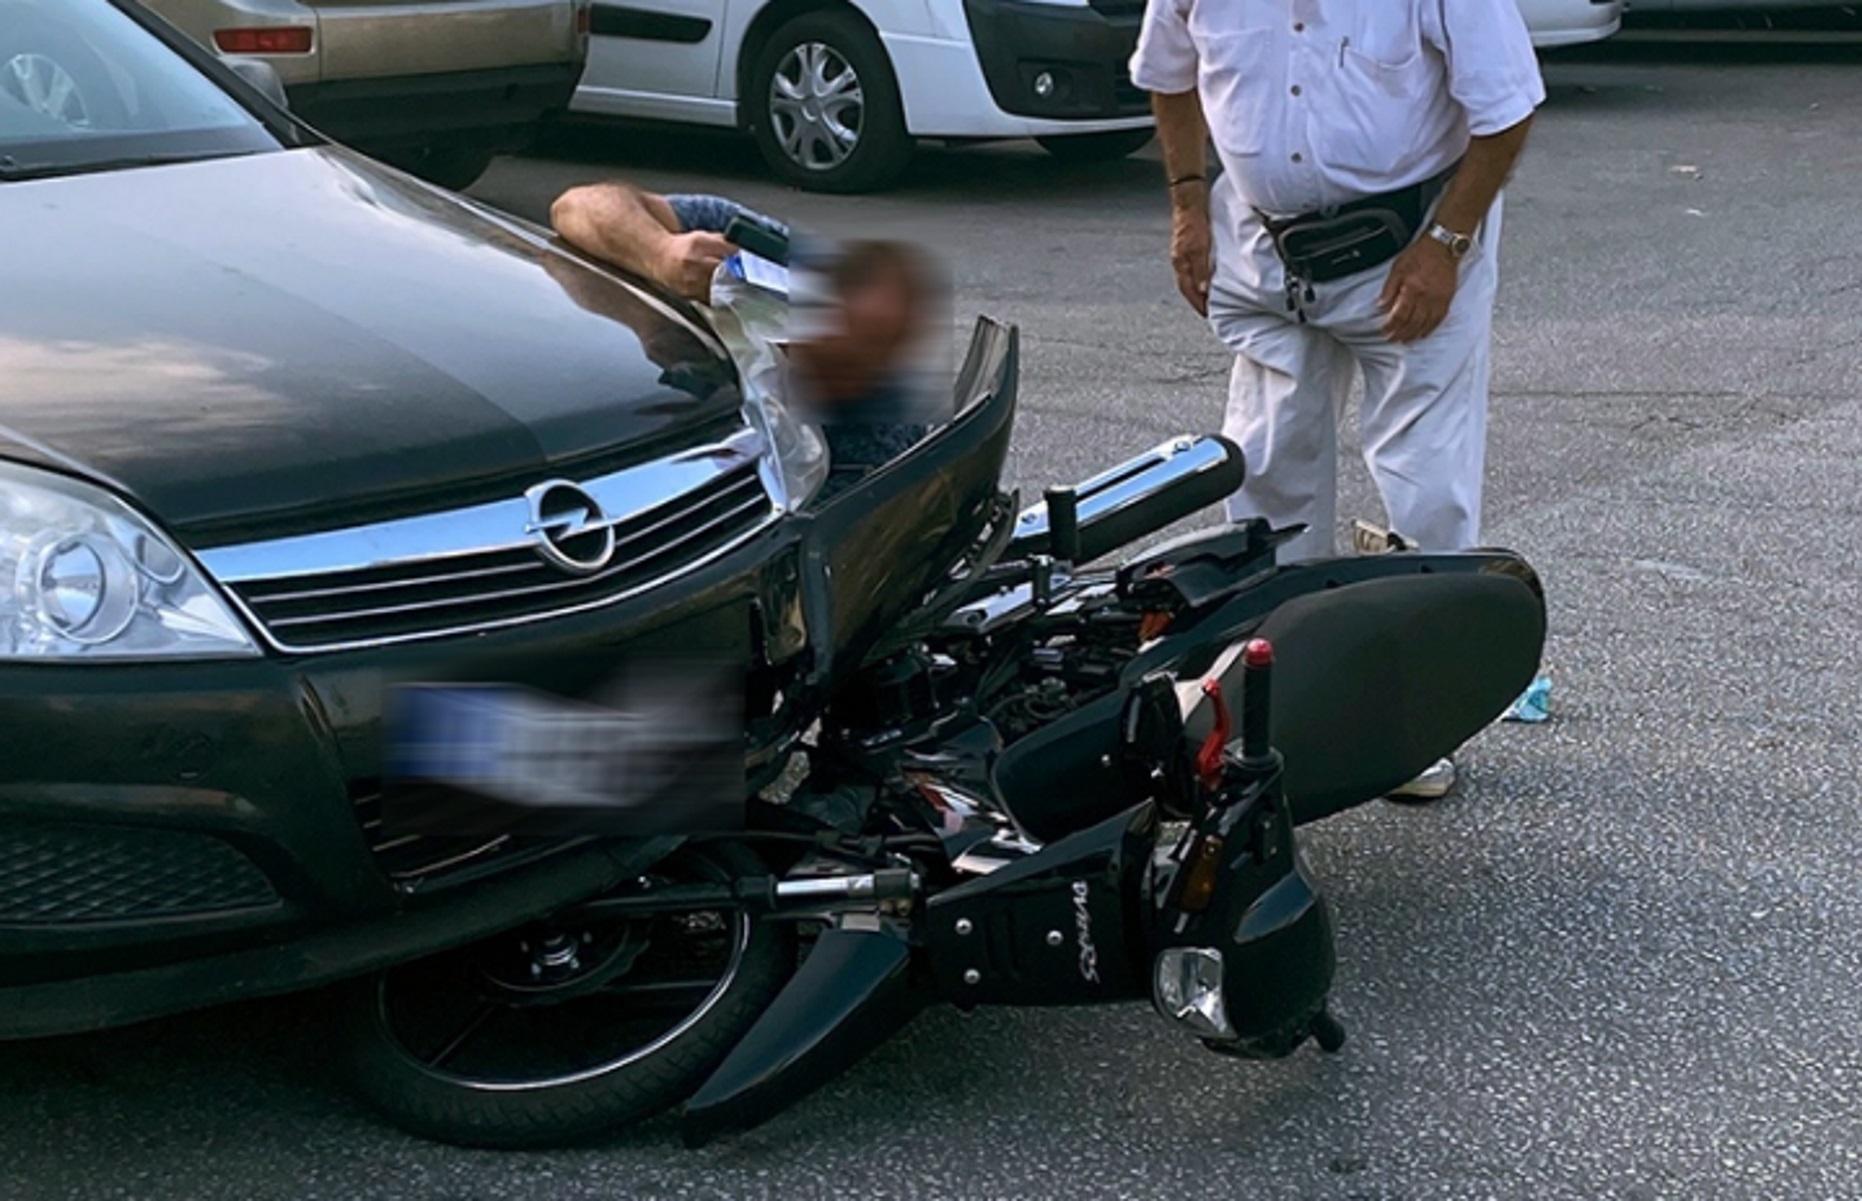 Τροχαίο μπροστά στο ΙΚΑ Καβάλας με τραυματία έναν μοτοσικλετιστή